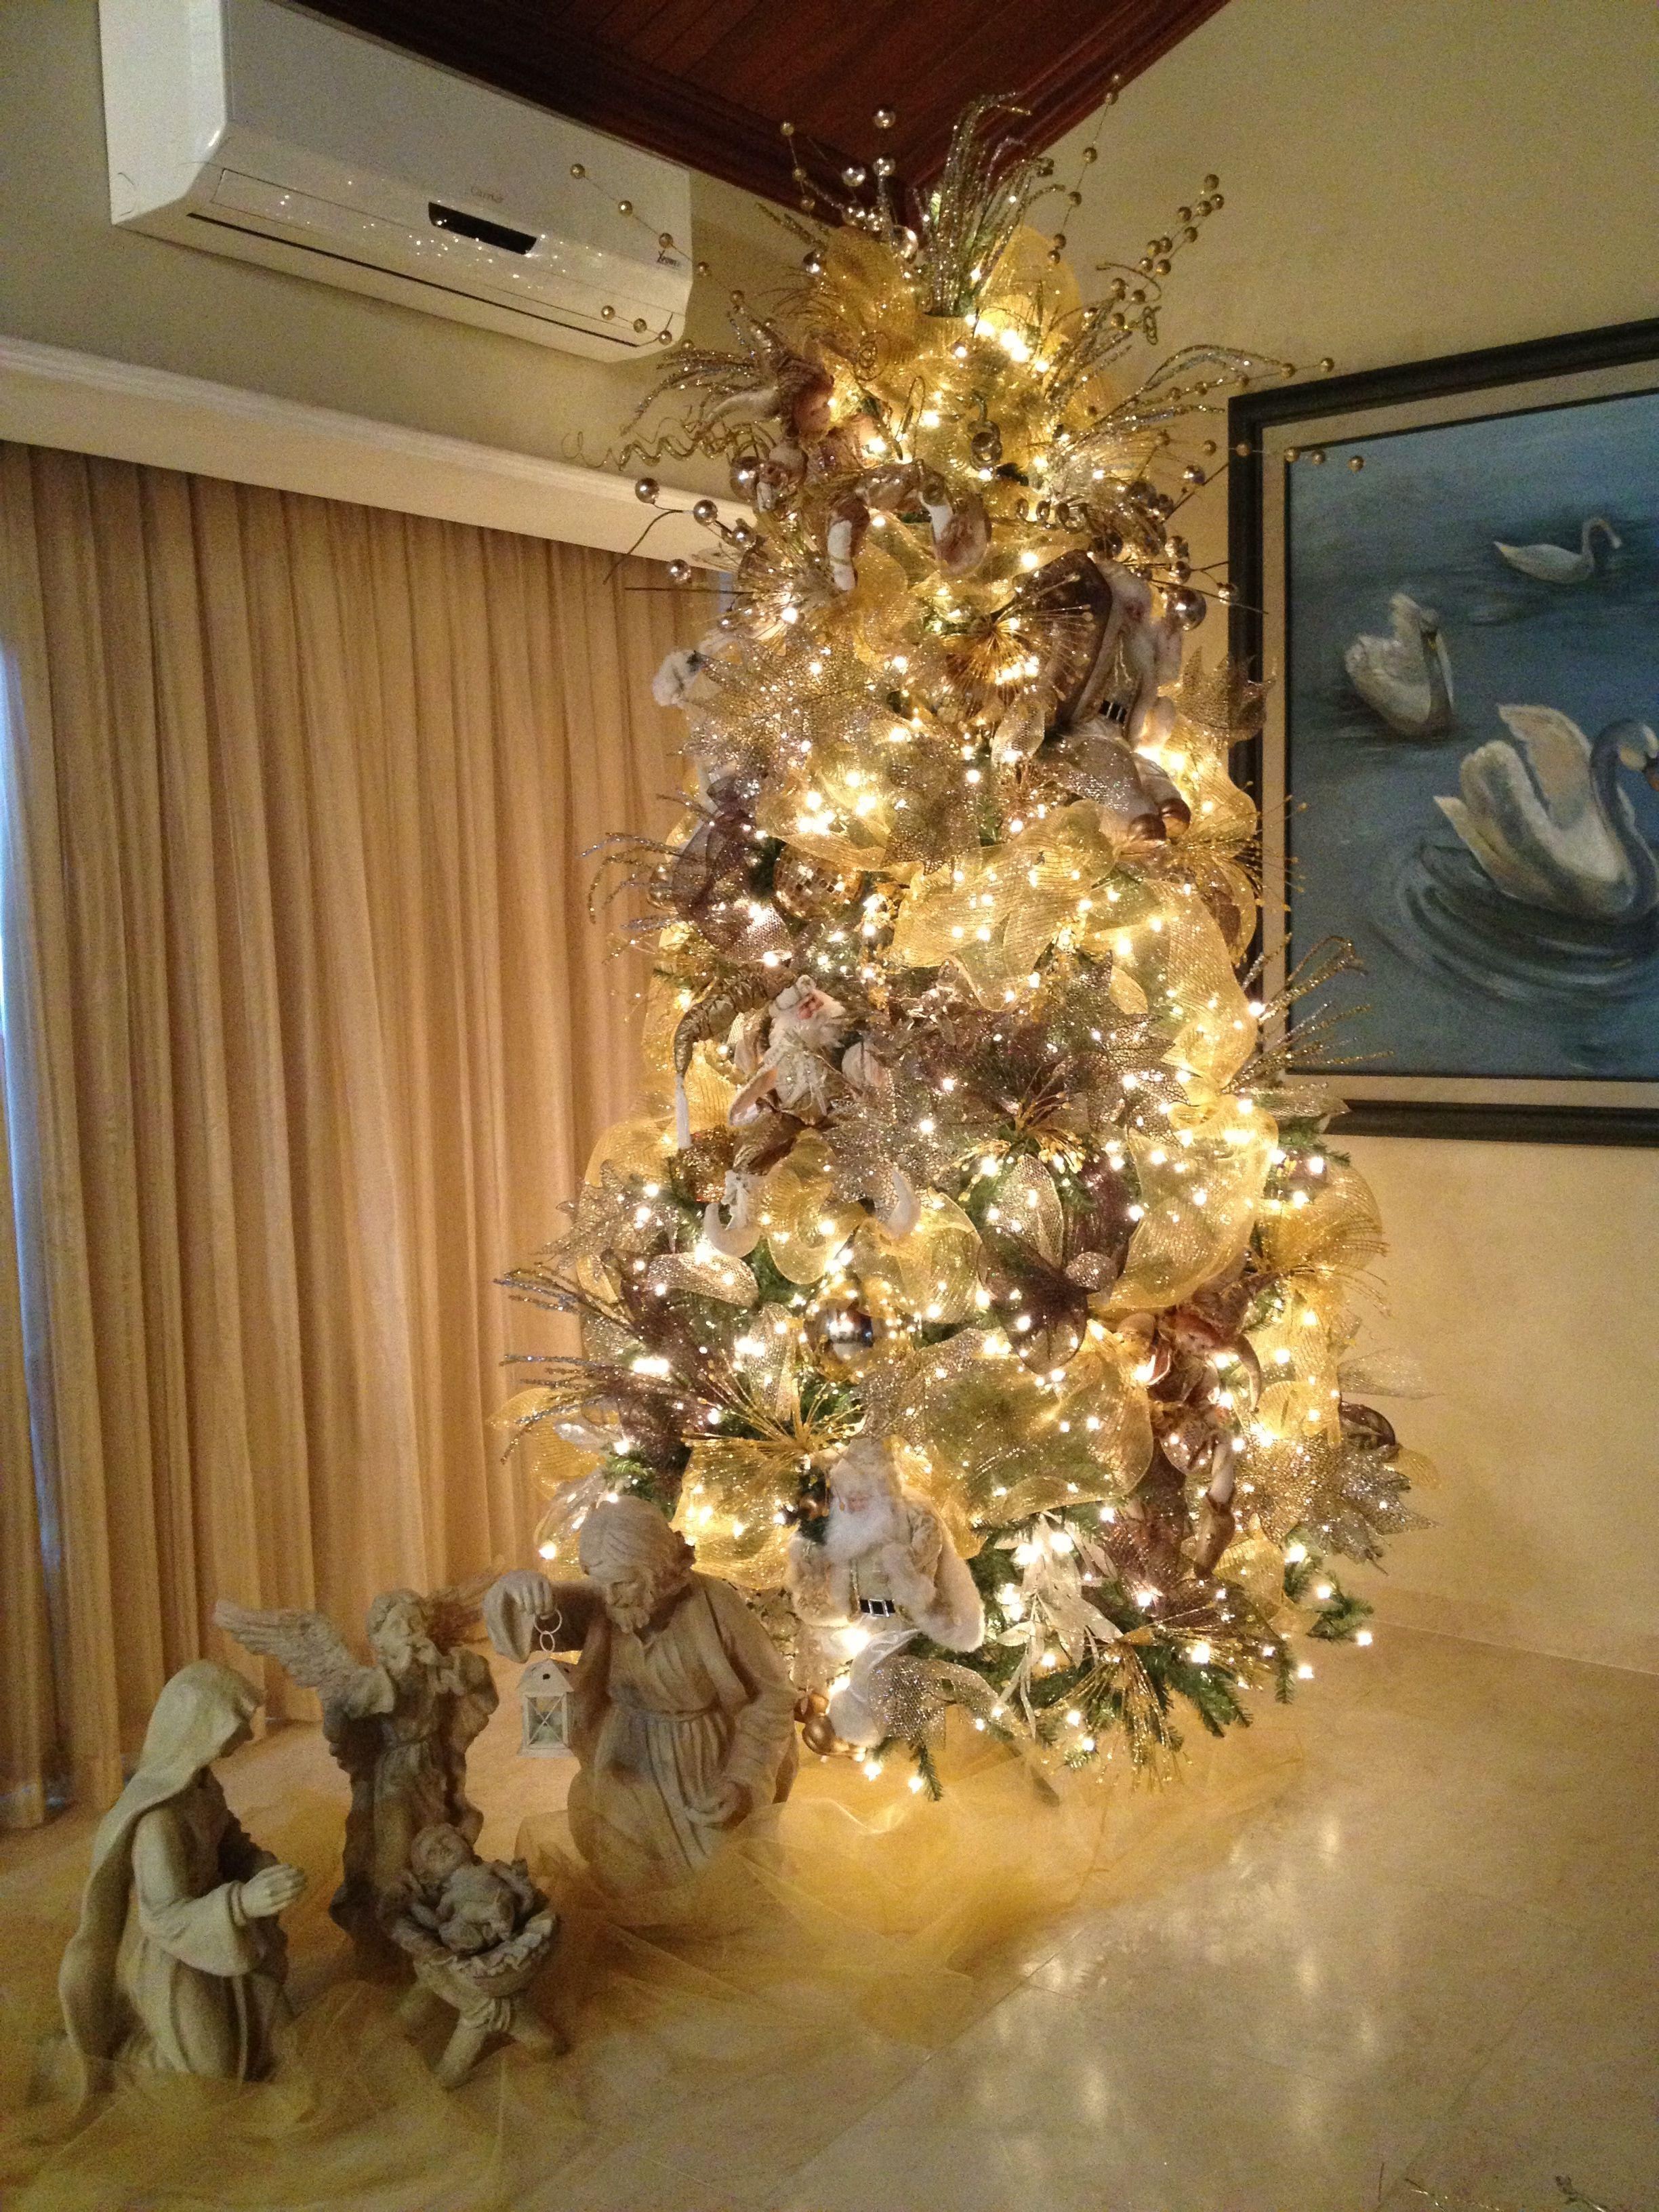 Pino navidad dorados christmas trees decoracion pi as for Decoracion christmas navidenos